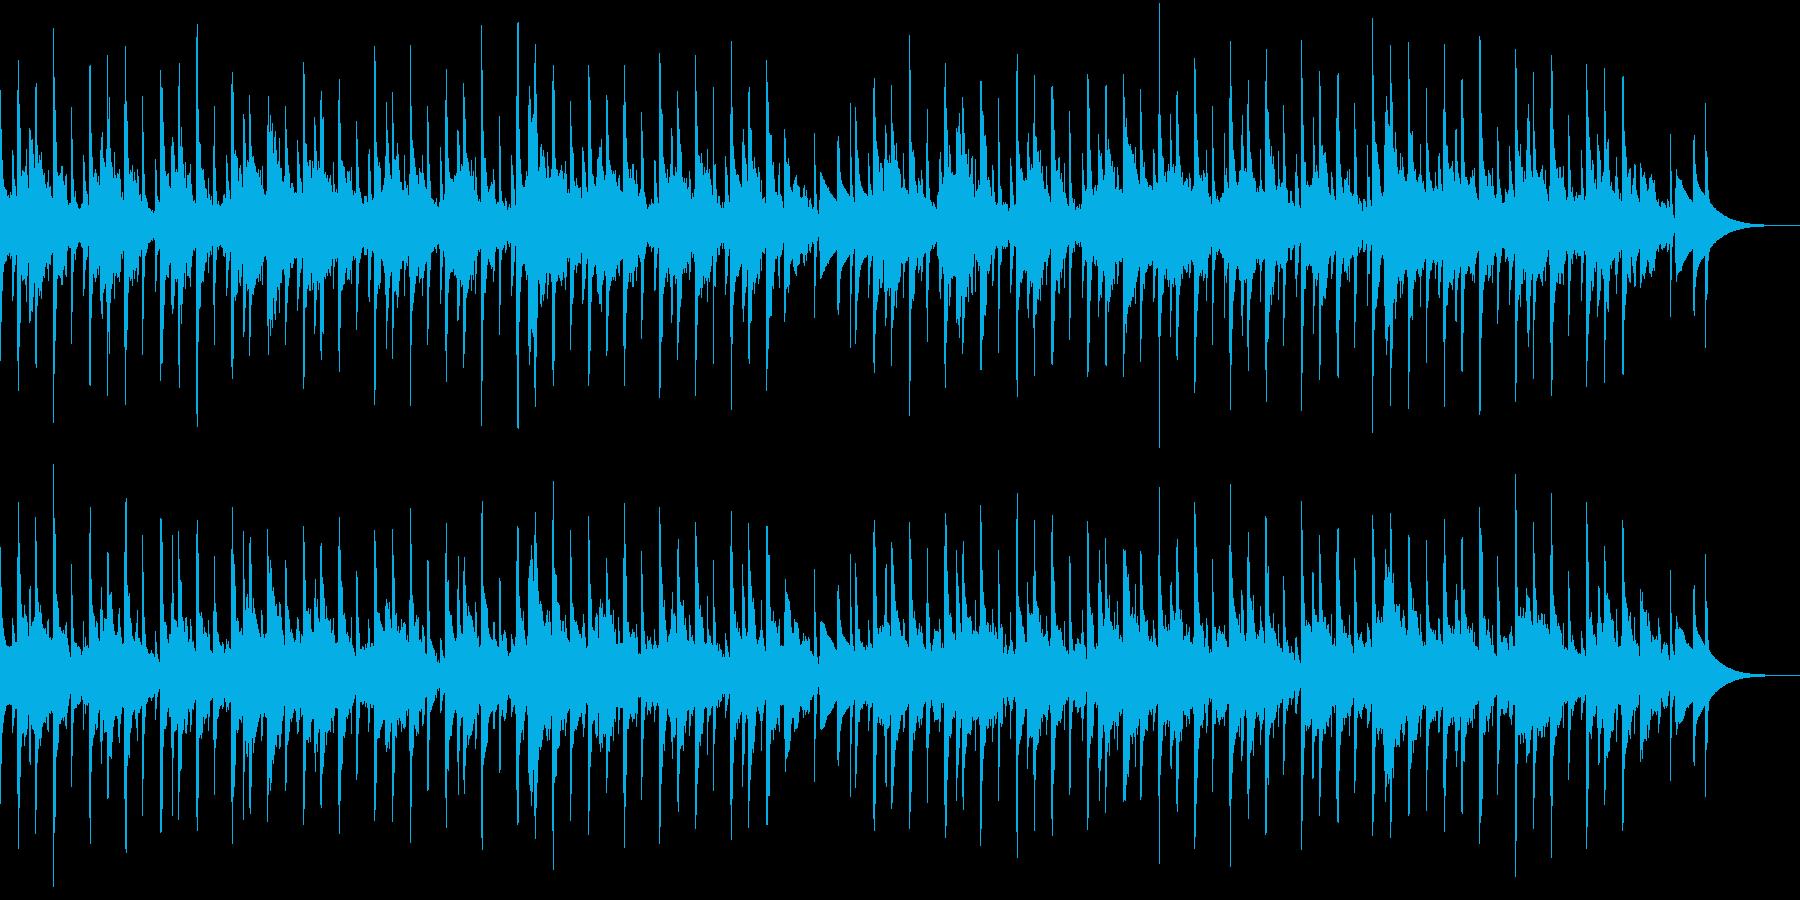 ほのぼのした雰囲気のシンプルなシンセ曲の再生済みの波形